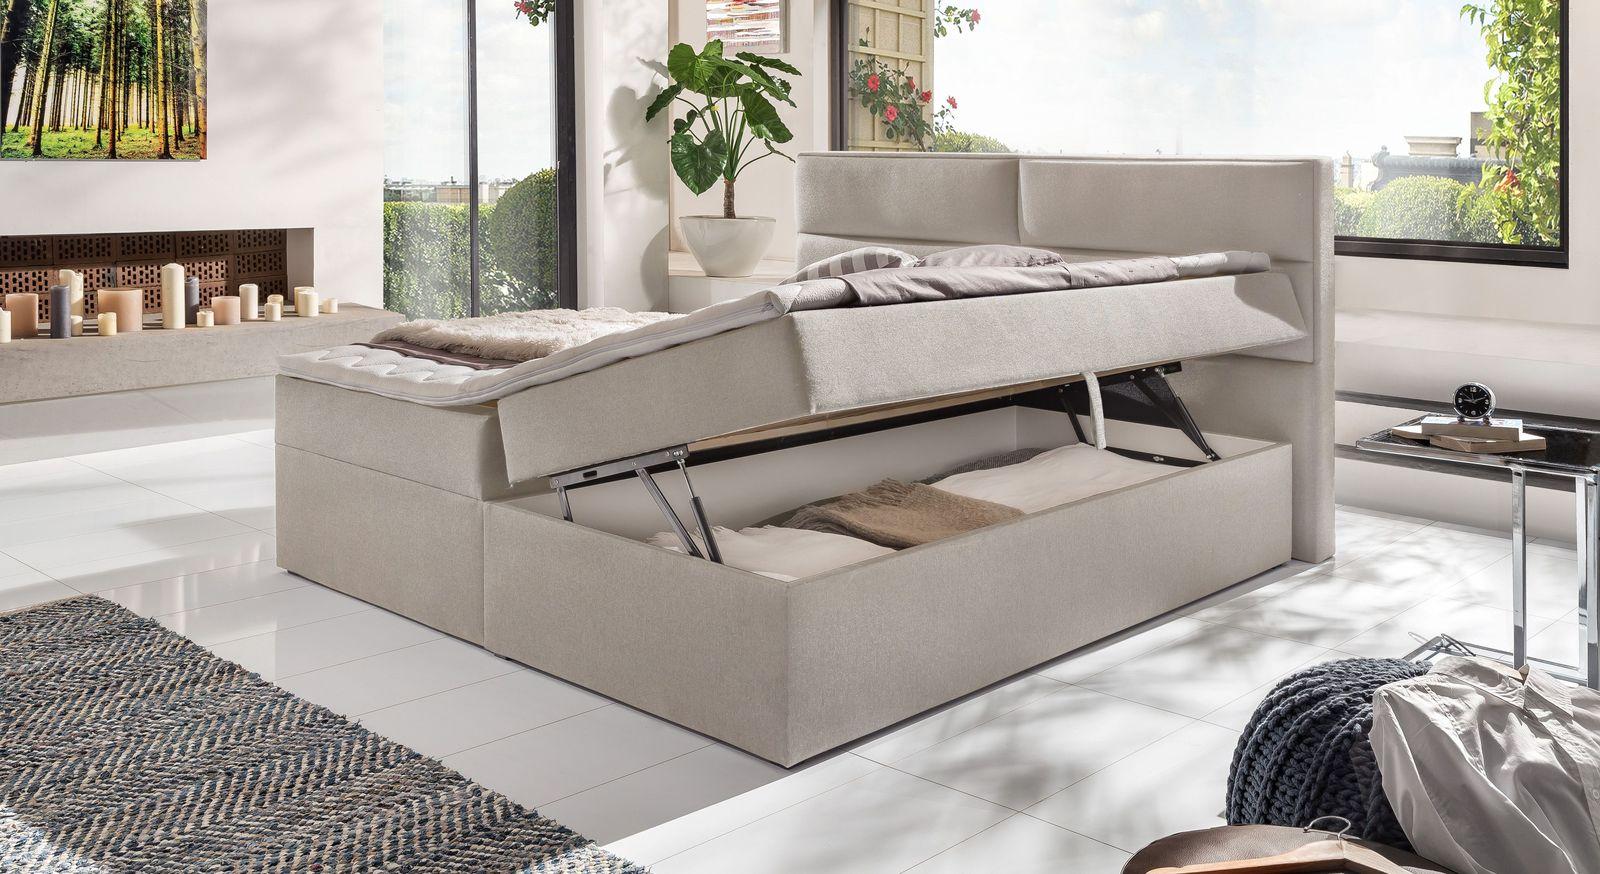 Praktisches Boxbett Belcastro mit Stauraum in Beige